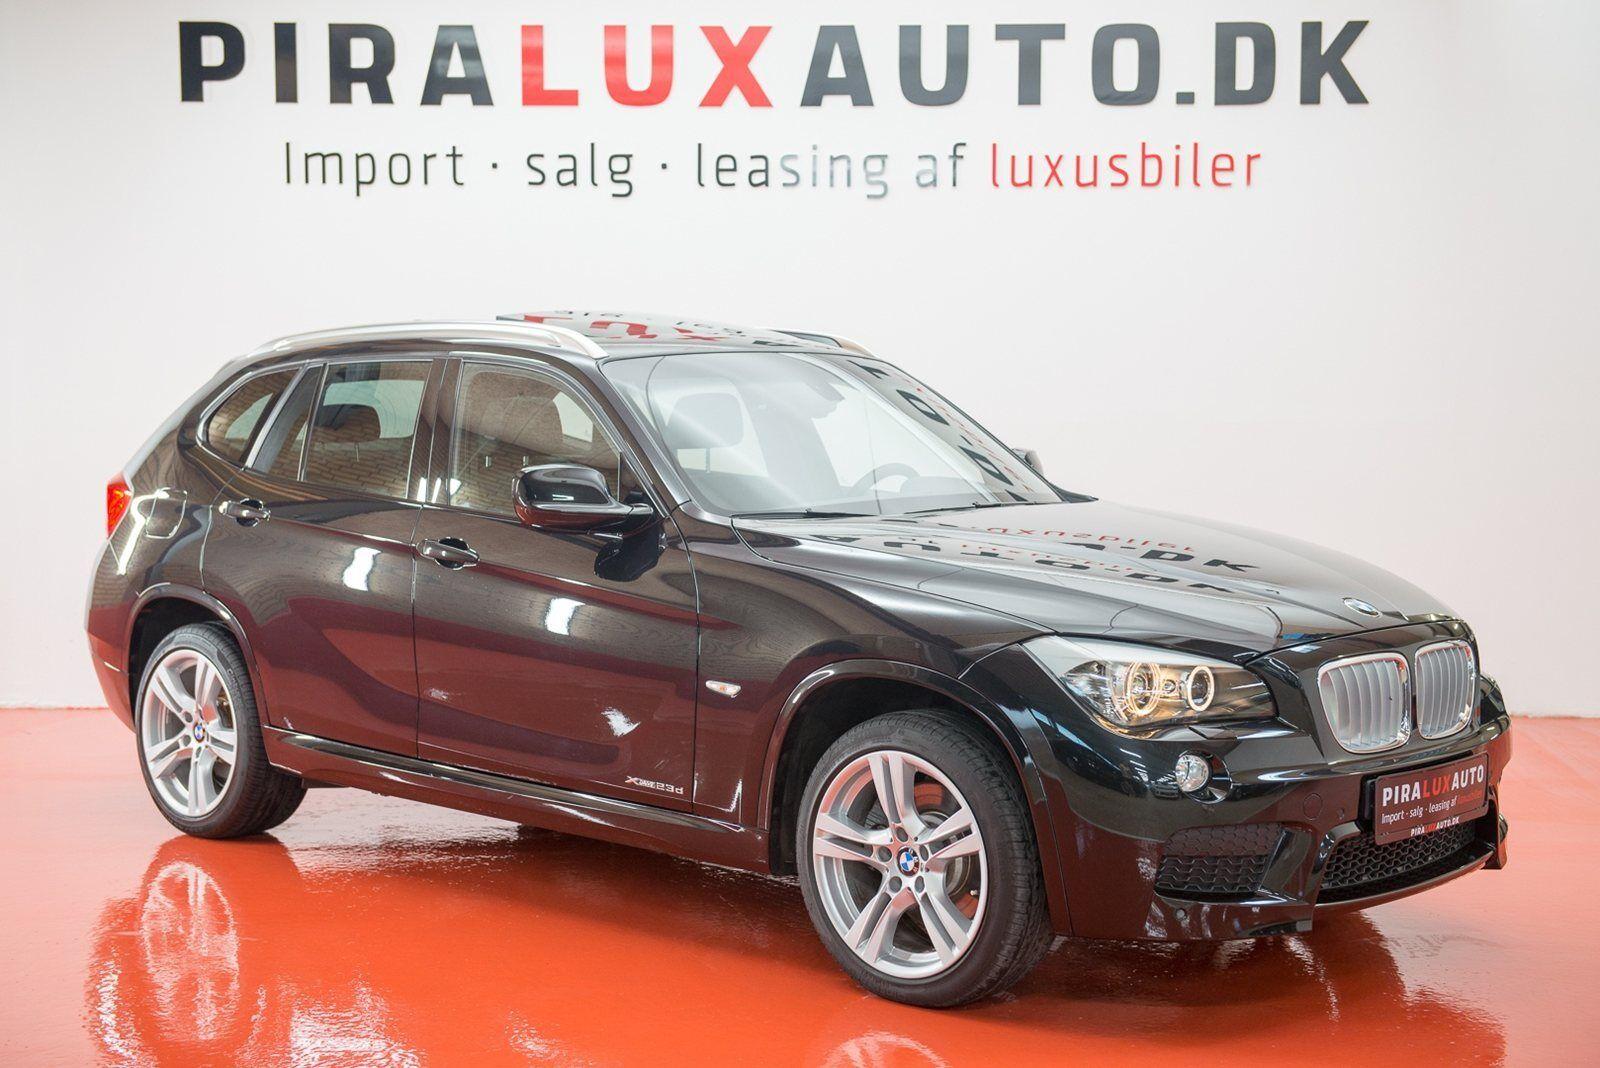 BMW X1 2,0 xDrive23d M-Sport aut. 5d - 279.900 kr.